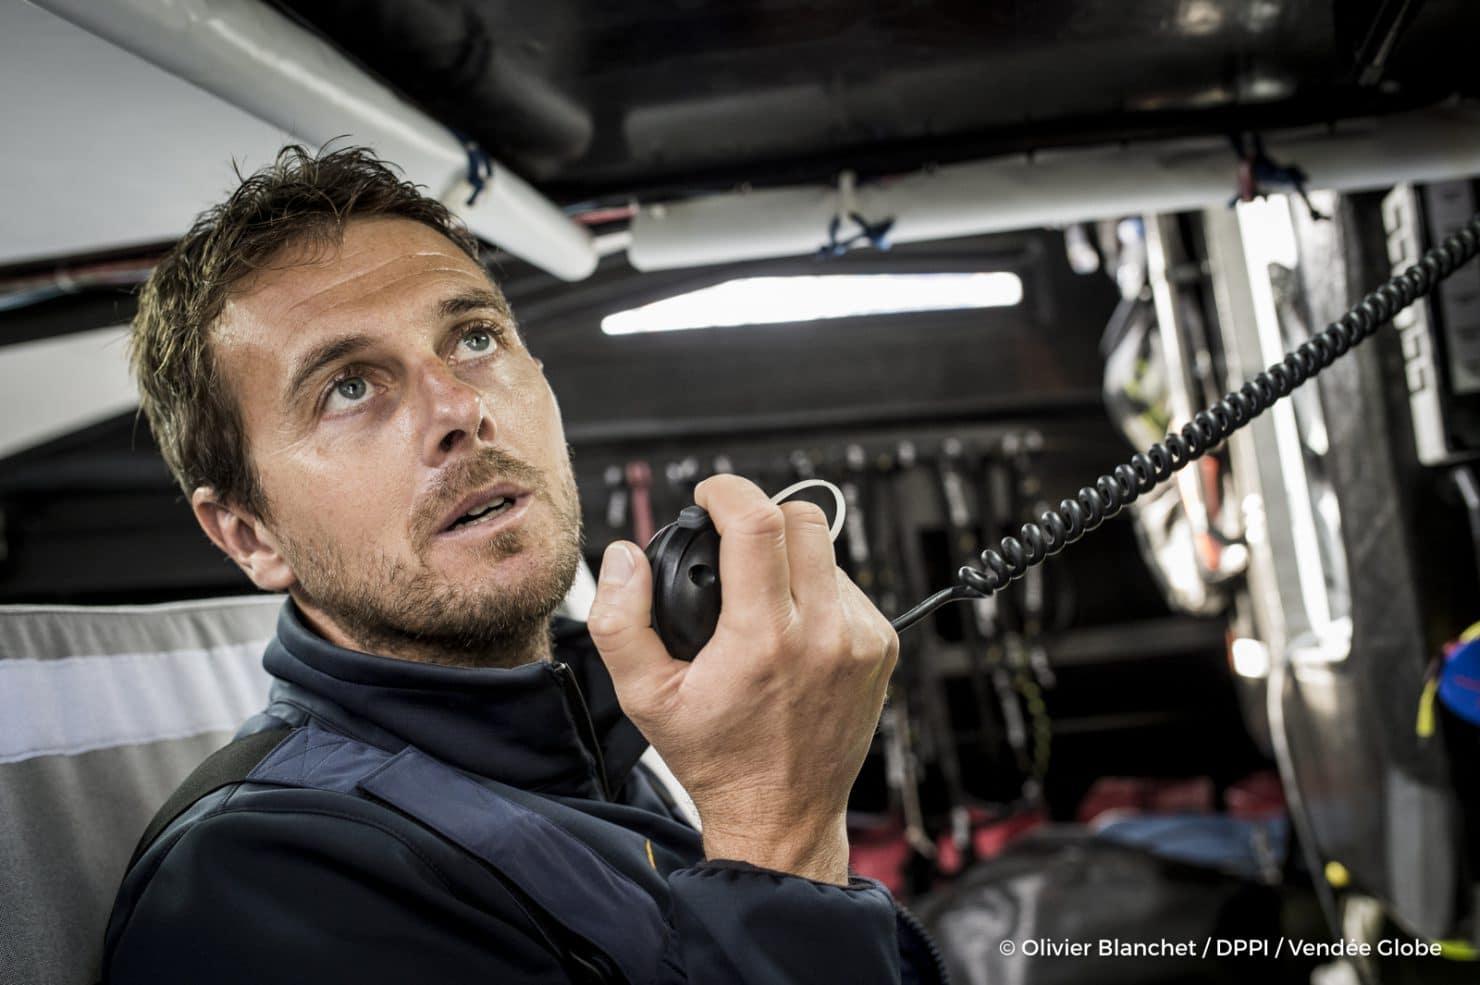 Vend e globe 2016 d m tage de st phane le diraison surfez sur l 39 actualit - Compagnie du lit boulogne ...